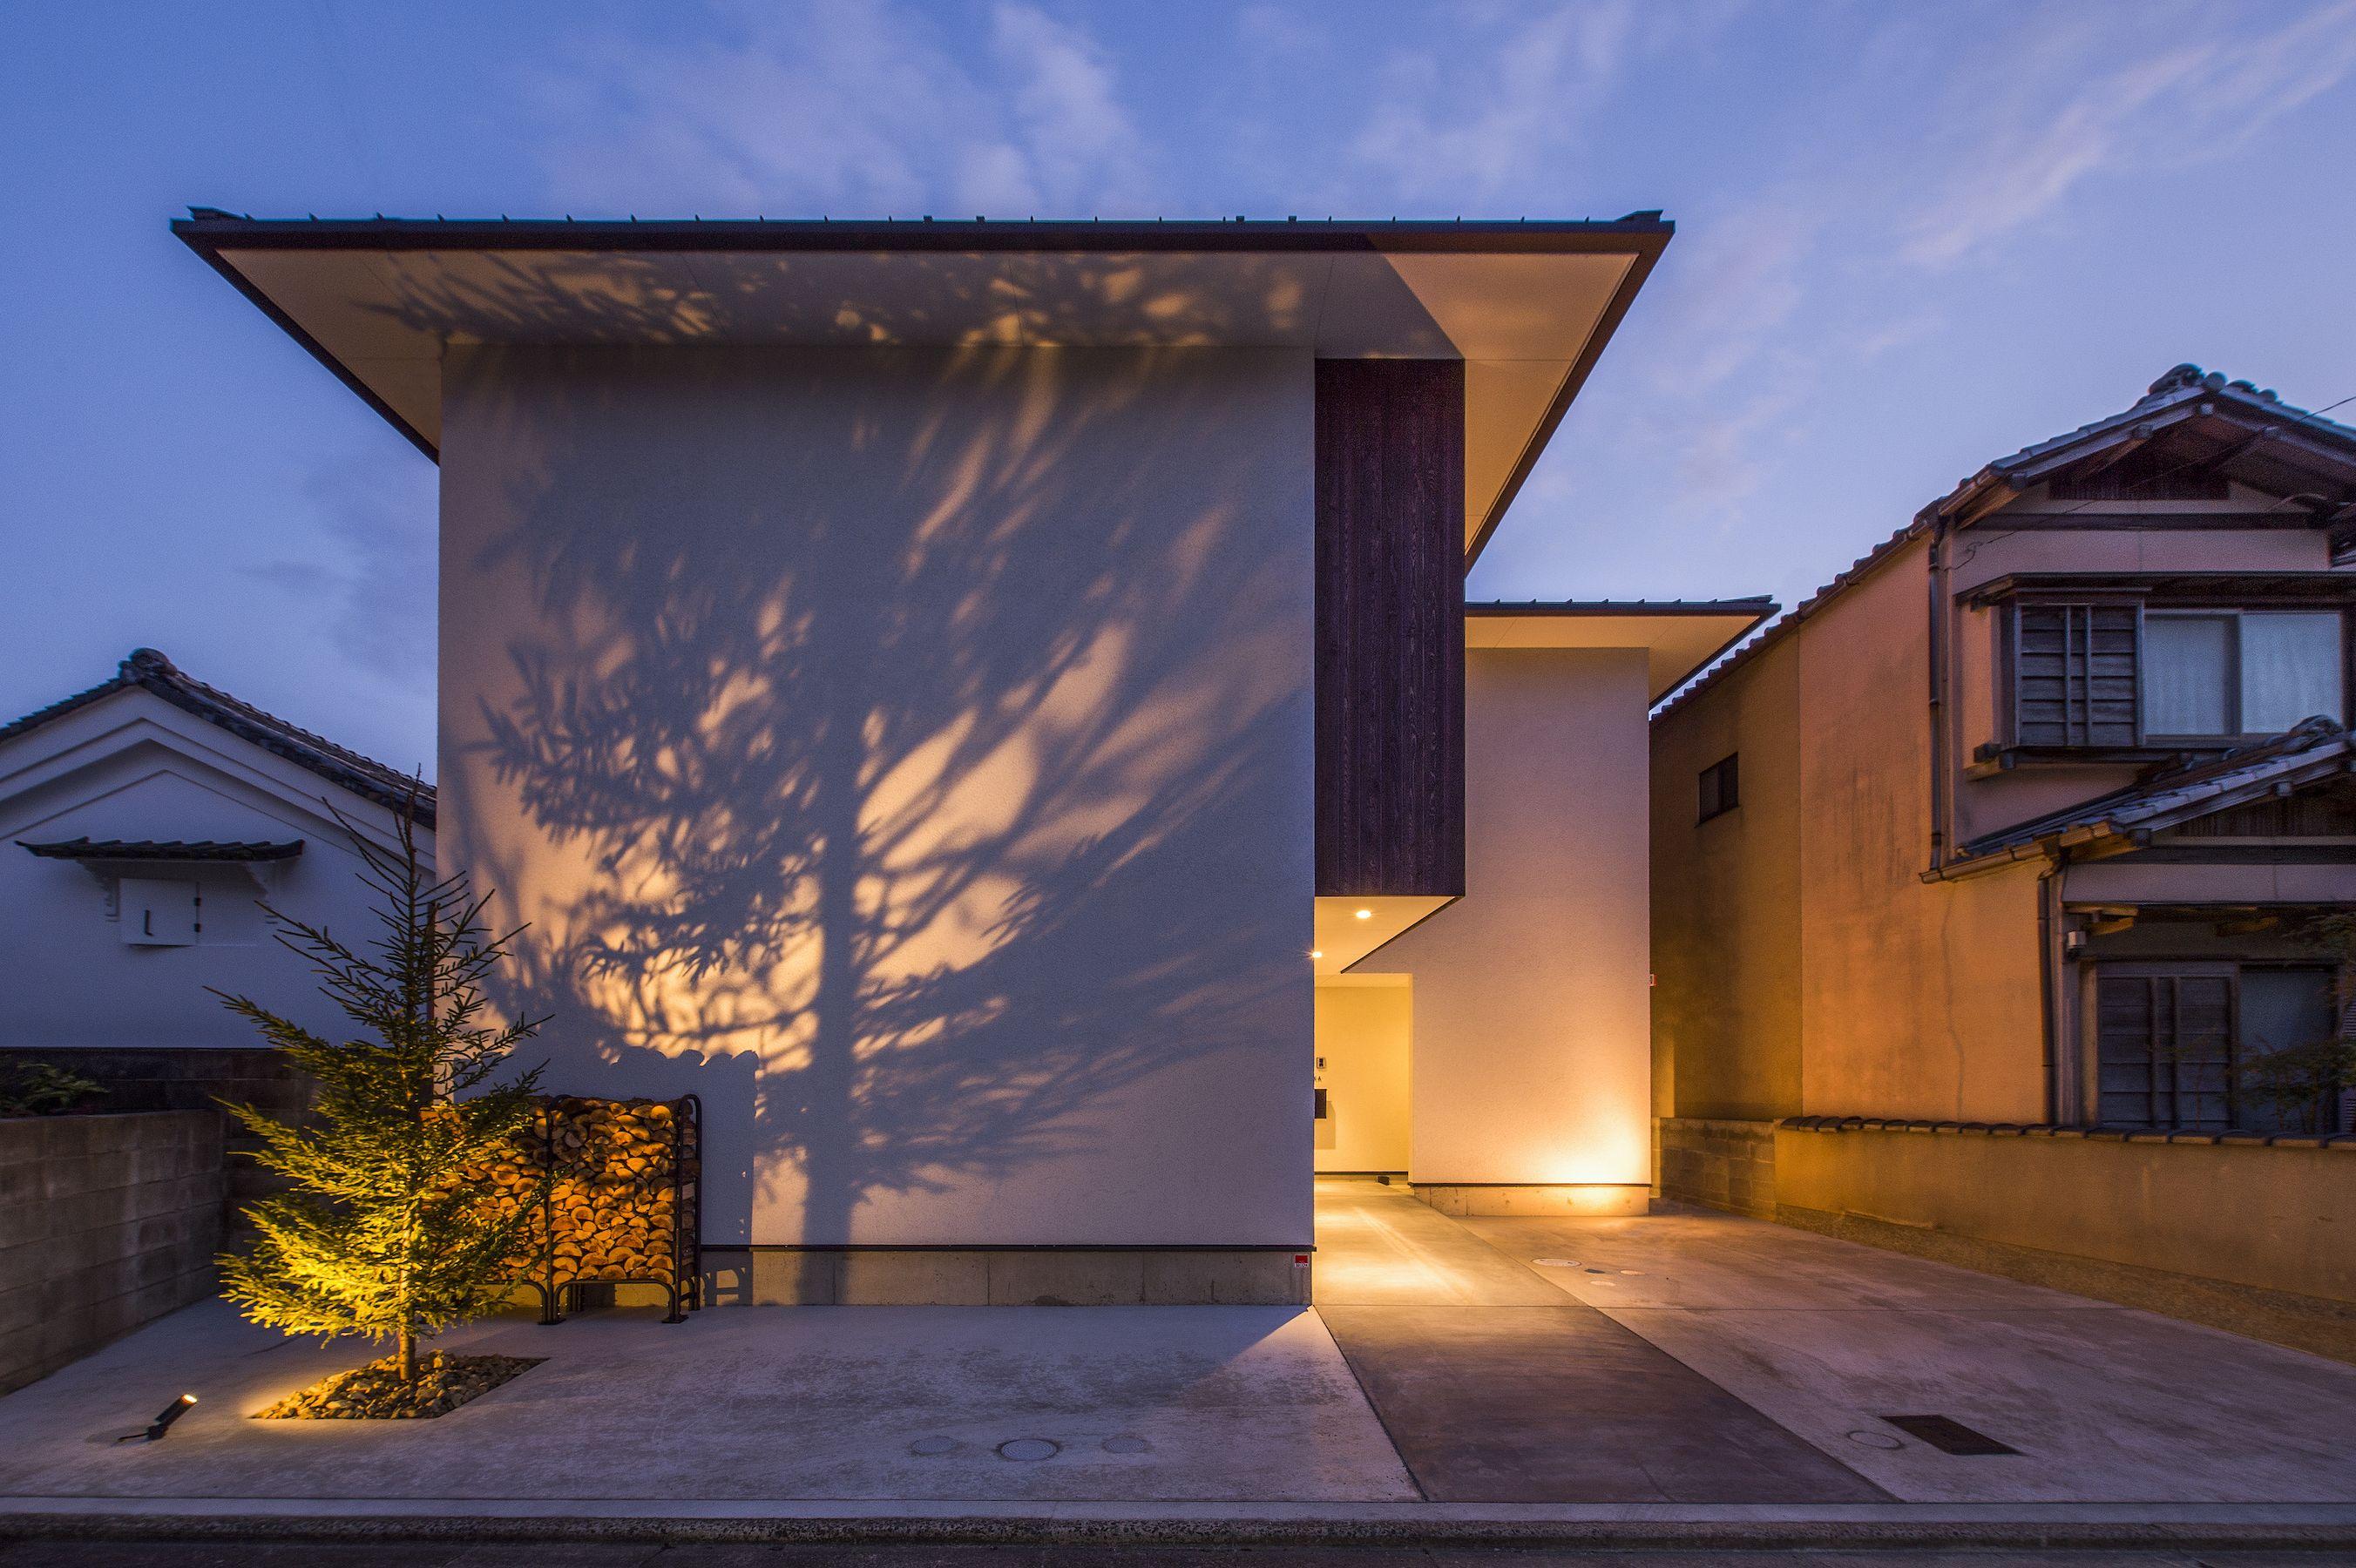 シンプルな白壁は 夜照明越しの木の影を愉しむこの写真 外観 はfeve Casa の参加工務店 河嶋 一志 株式会社 ビルド ワークス により登録された住宅デザインです Komorebi 写真です 外観が見たい カテゴリーに投稿されています 住宅 外観 外観 住宅